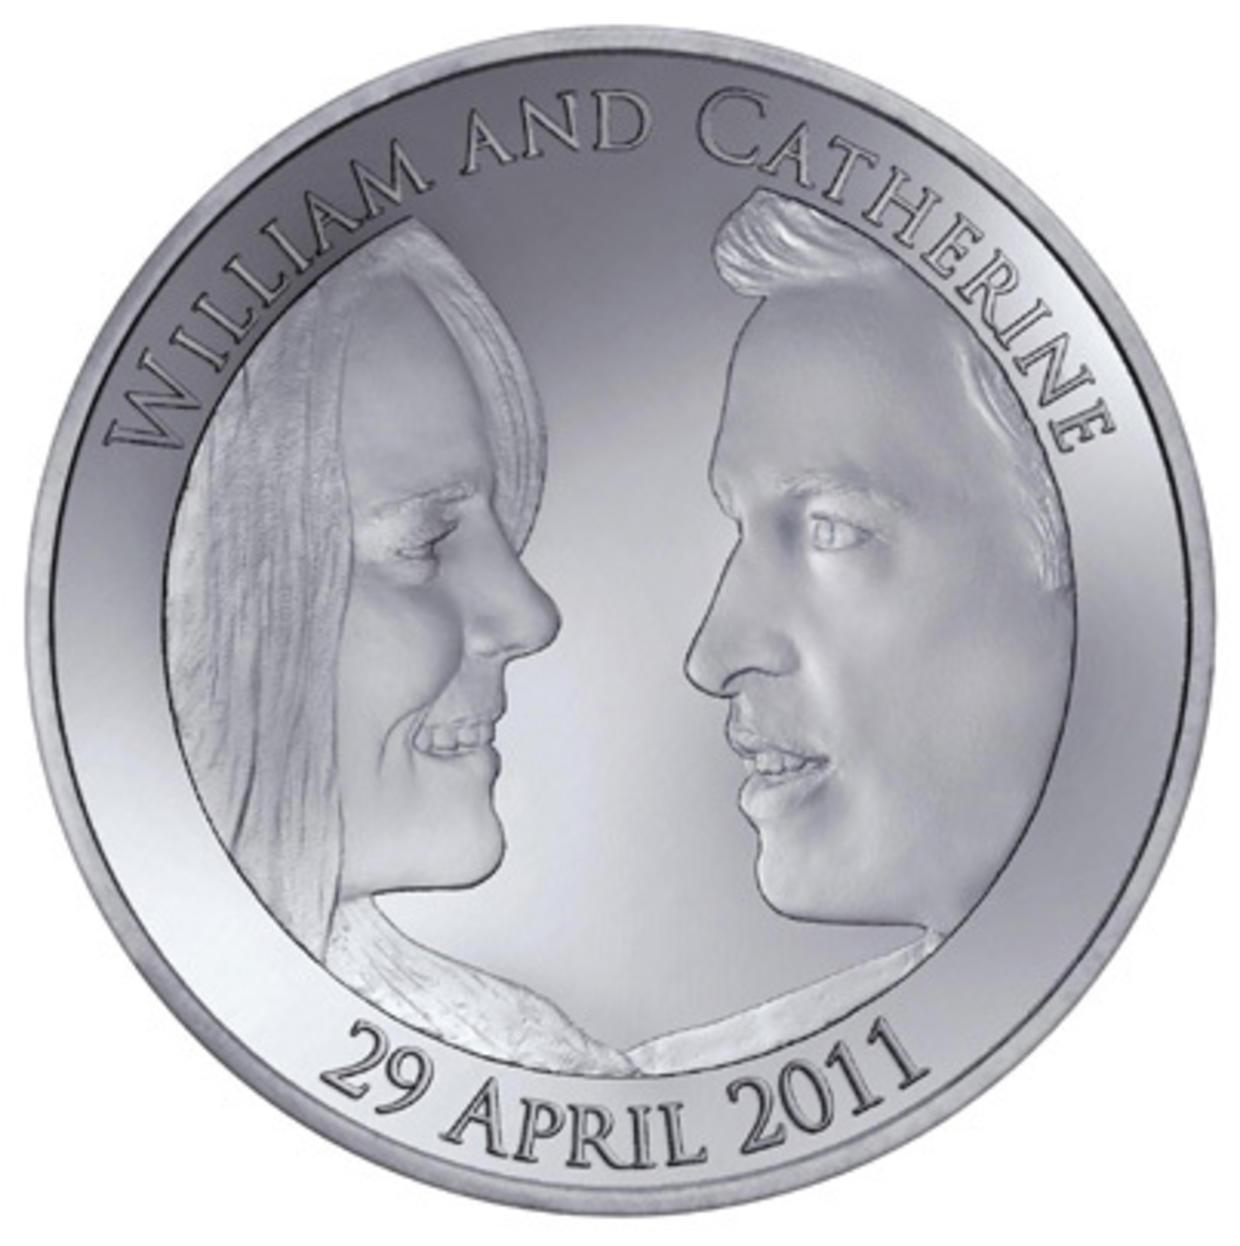 ae coin news